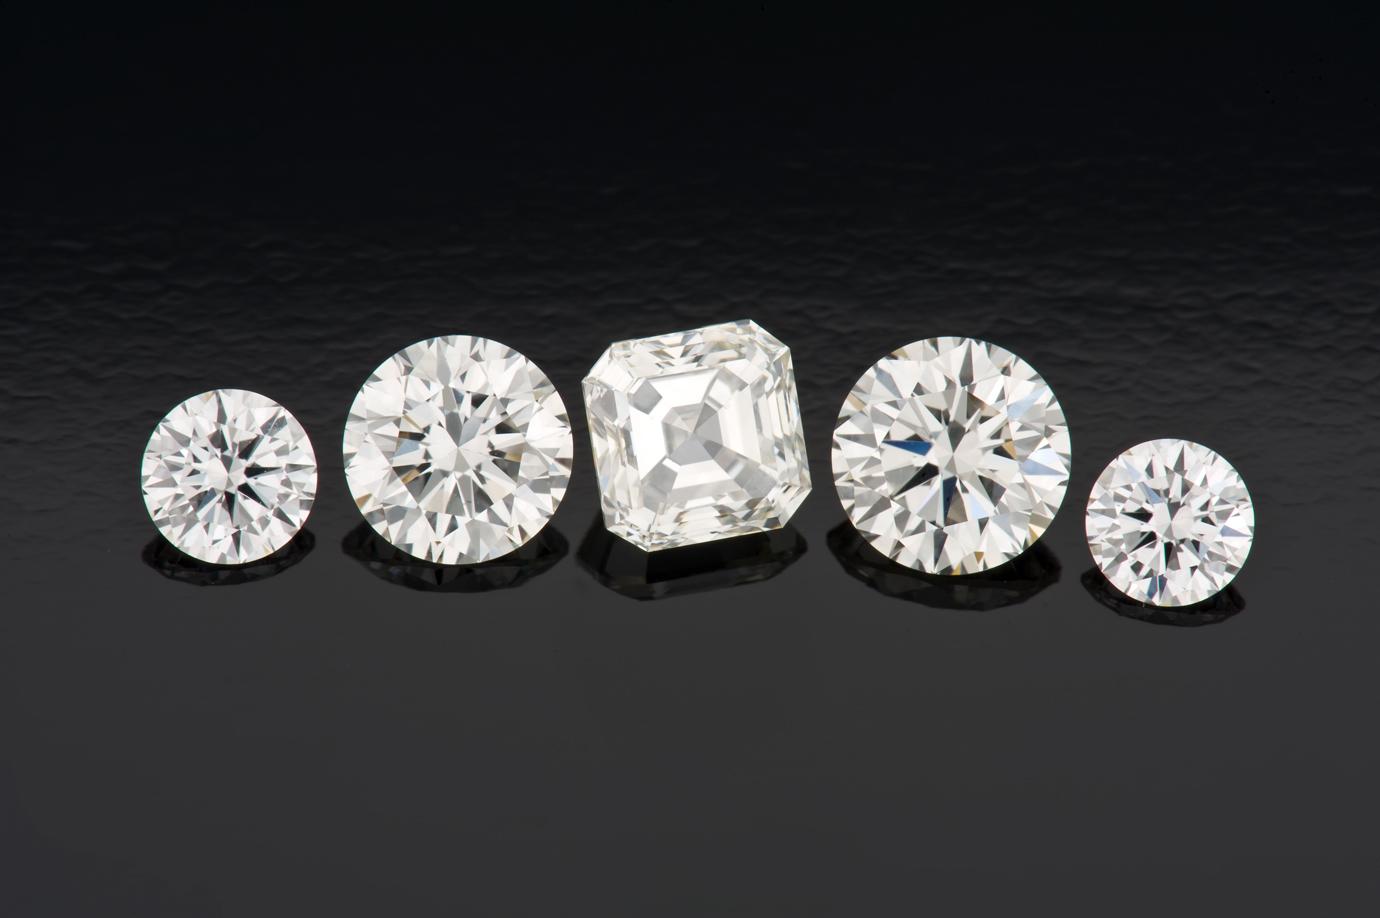 肉眼下,这五颗 CVD 合成钻石与同等品质的天然钻石看起来一样。